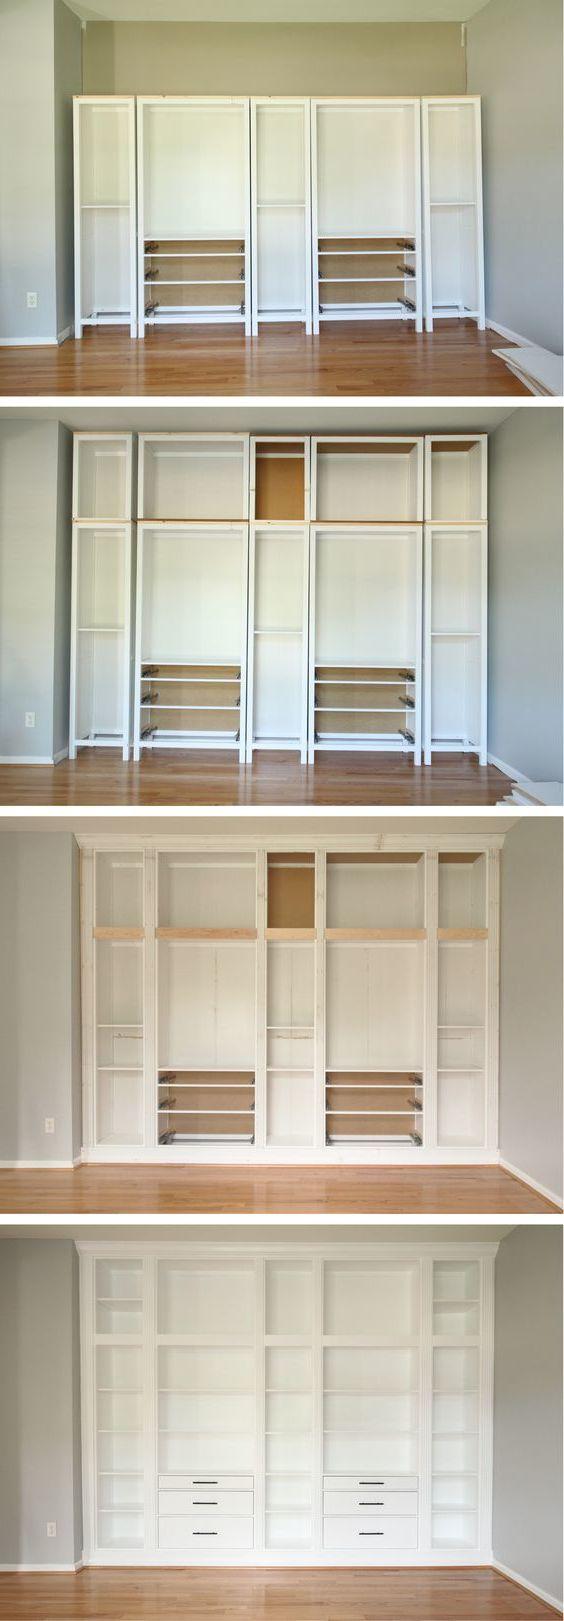 Ikea Hacks für Ihre Ikea Garderobe: DIY Anleitung